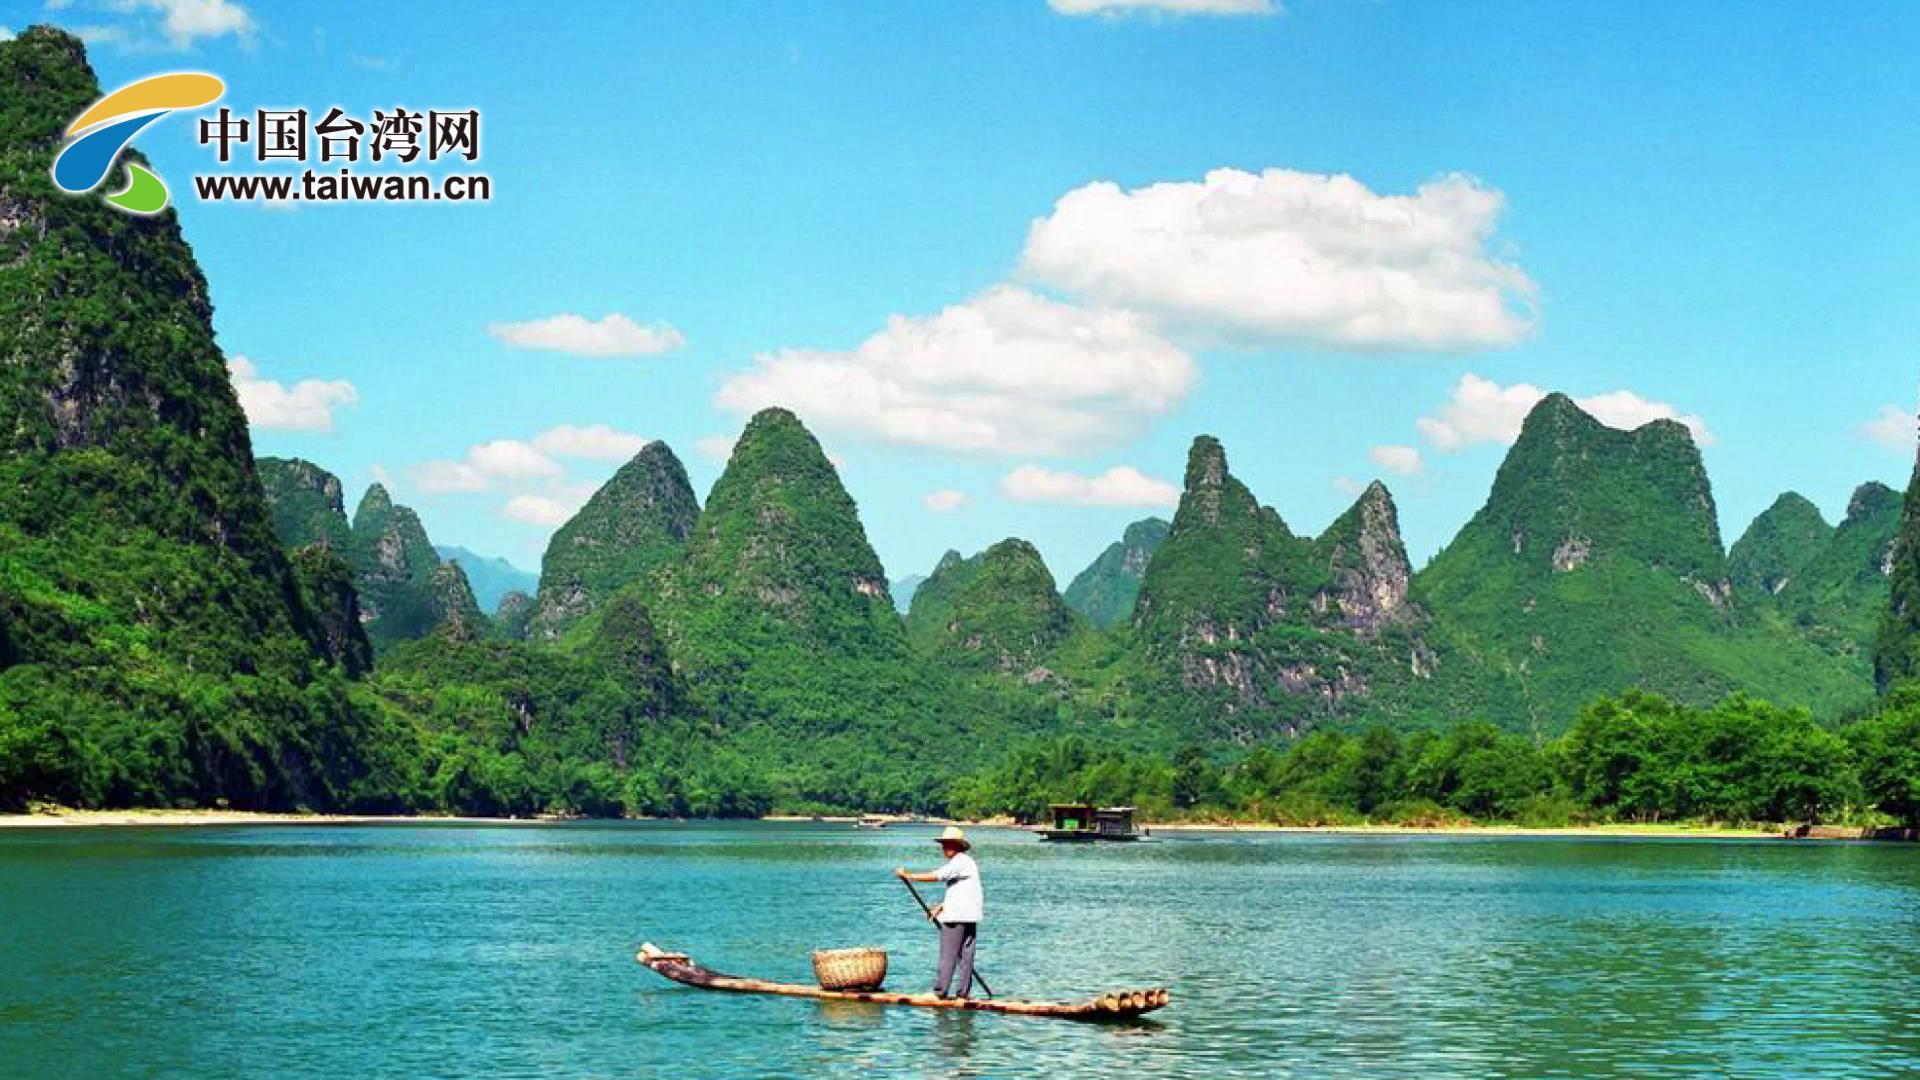 臺商紮根大陸,講述桂林創業環境圖片